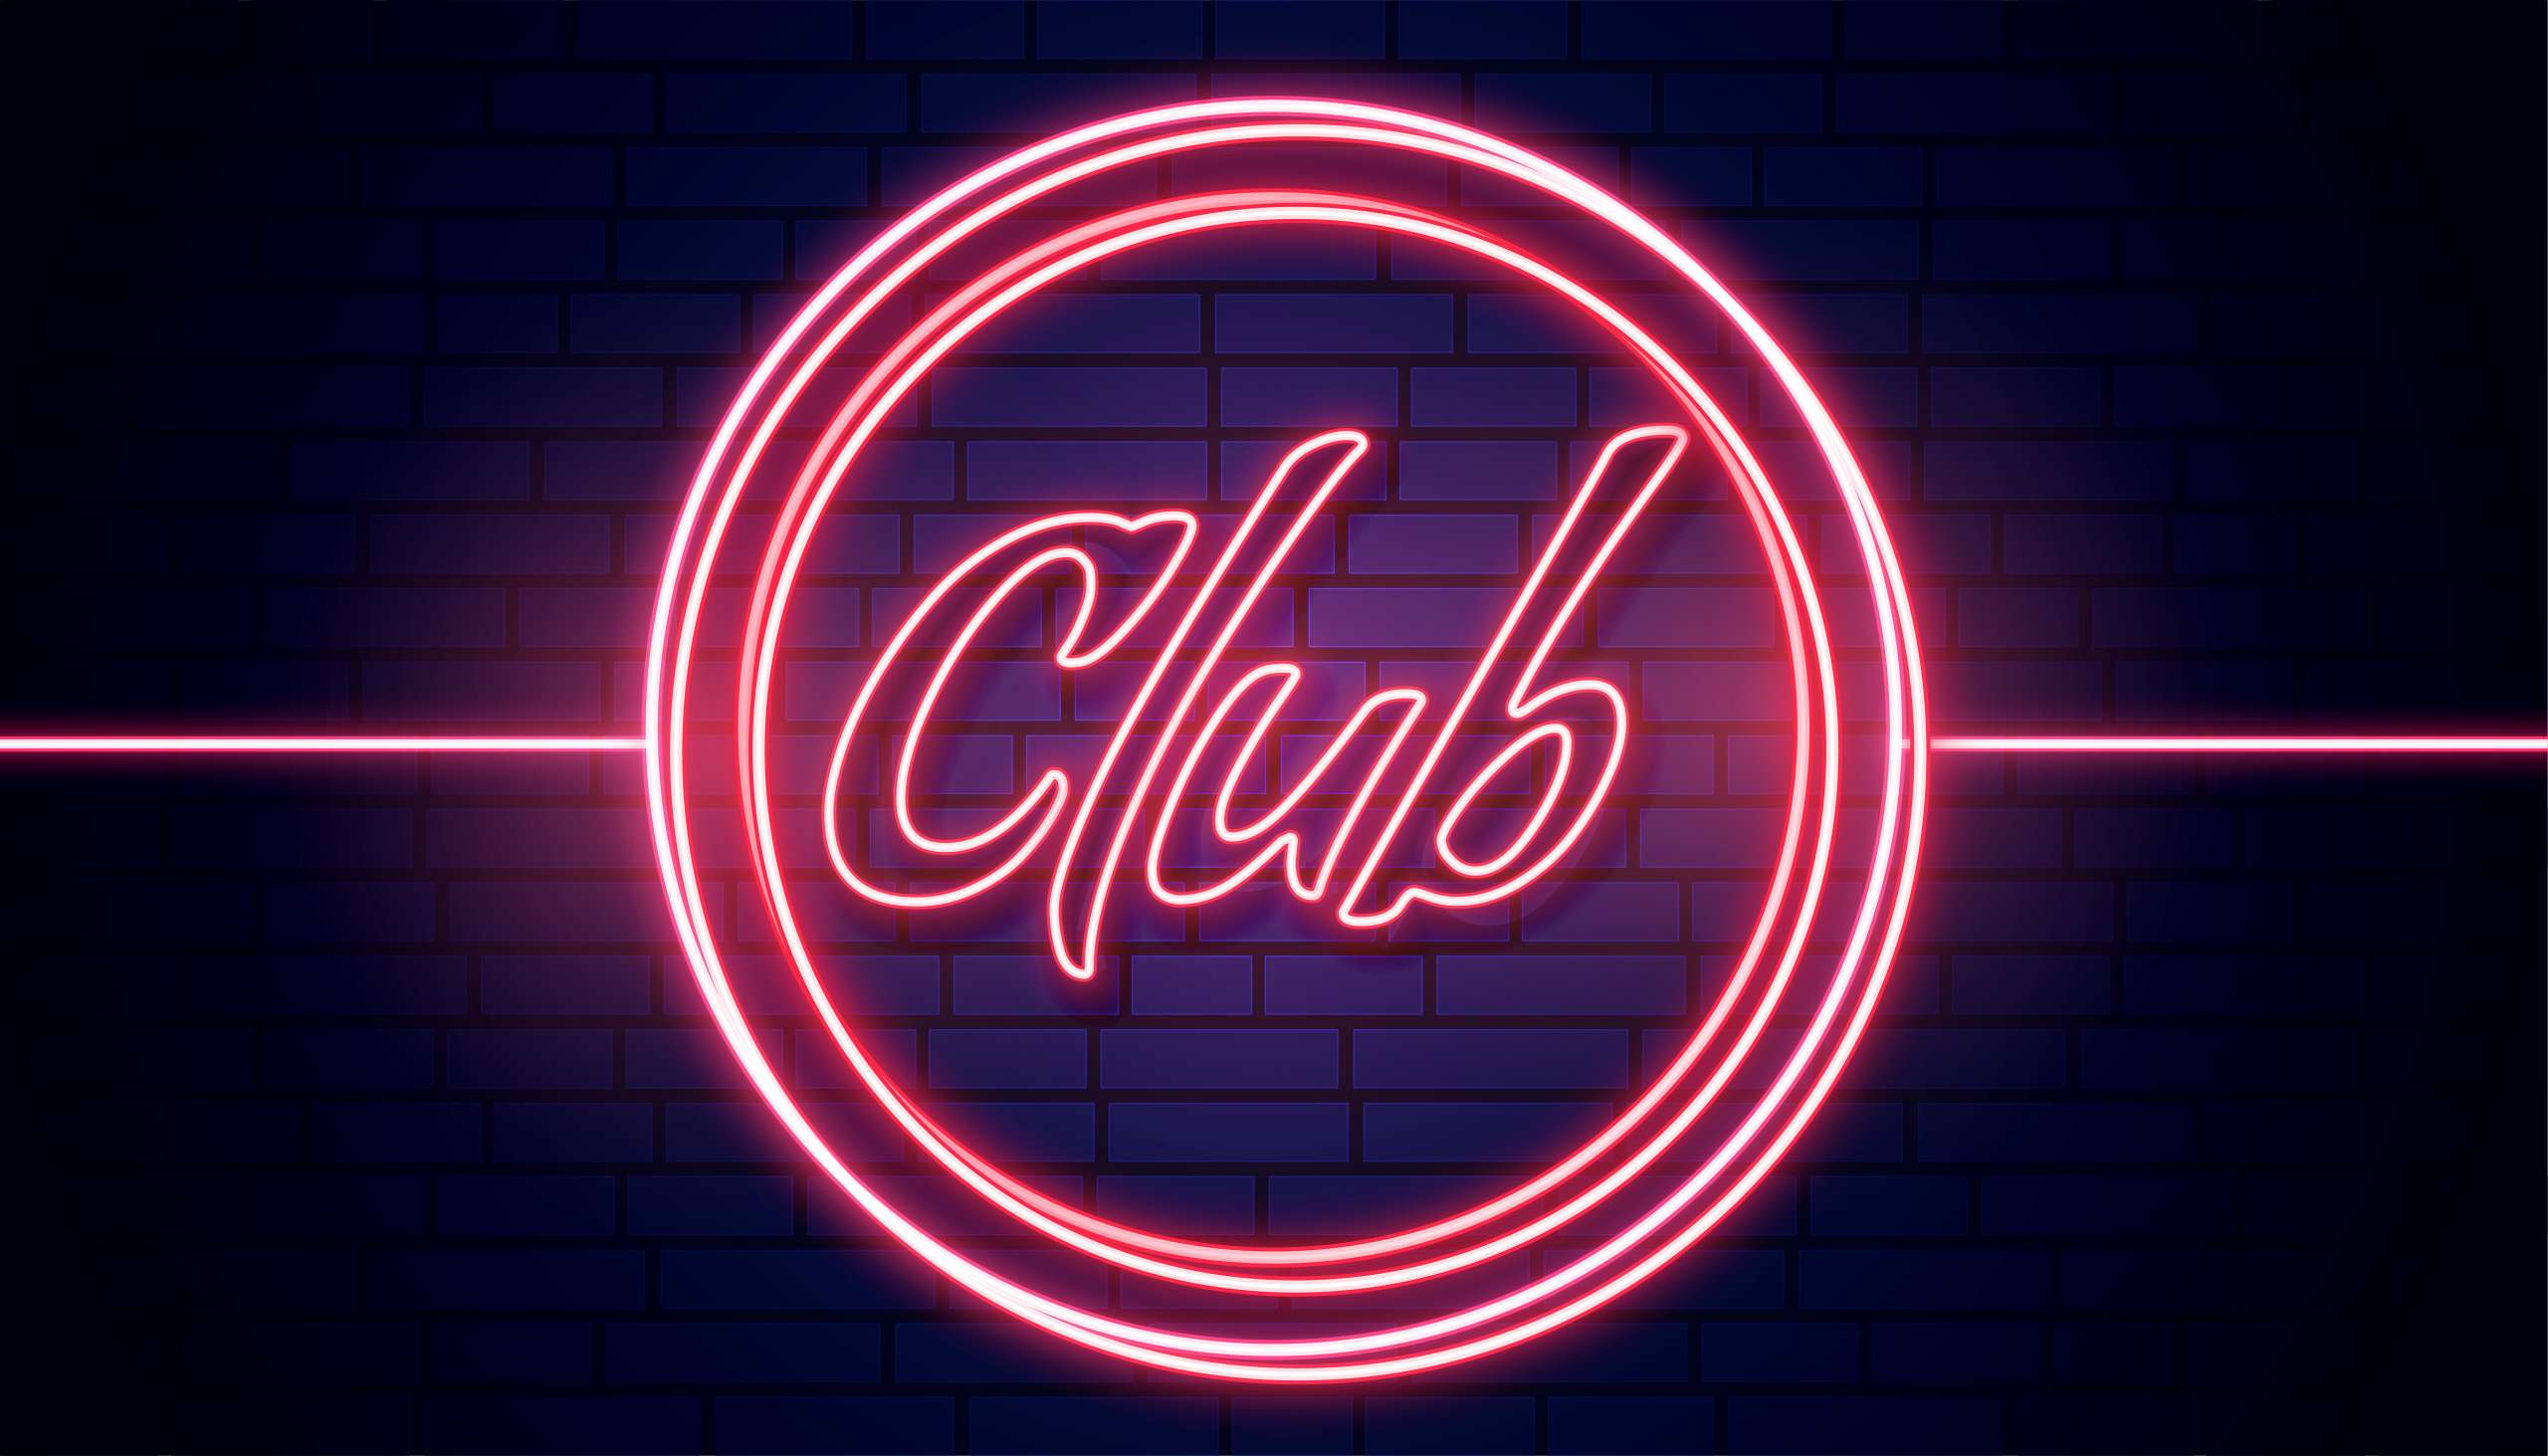 club - club led signage